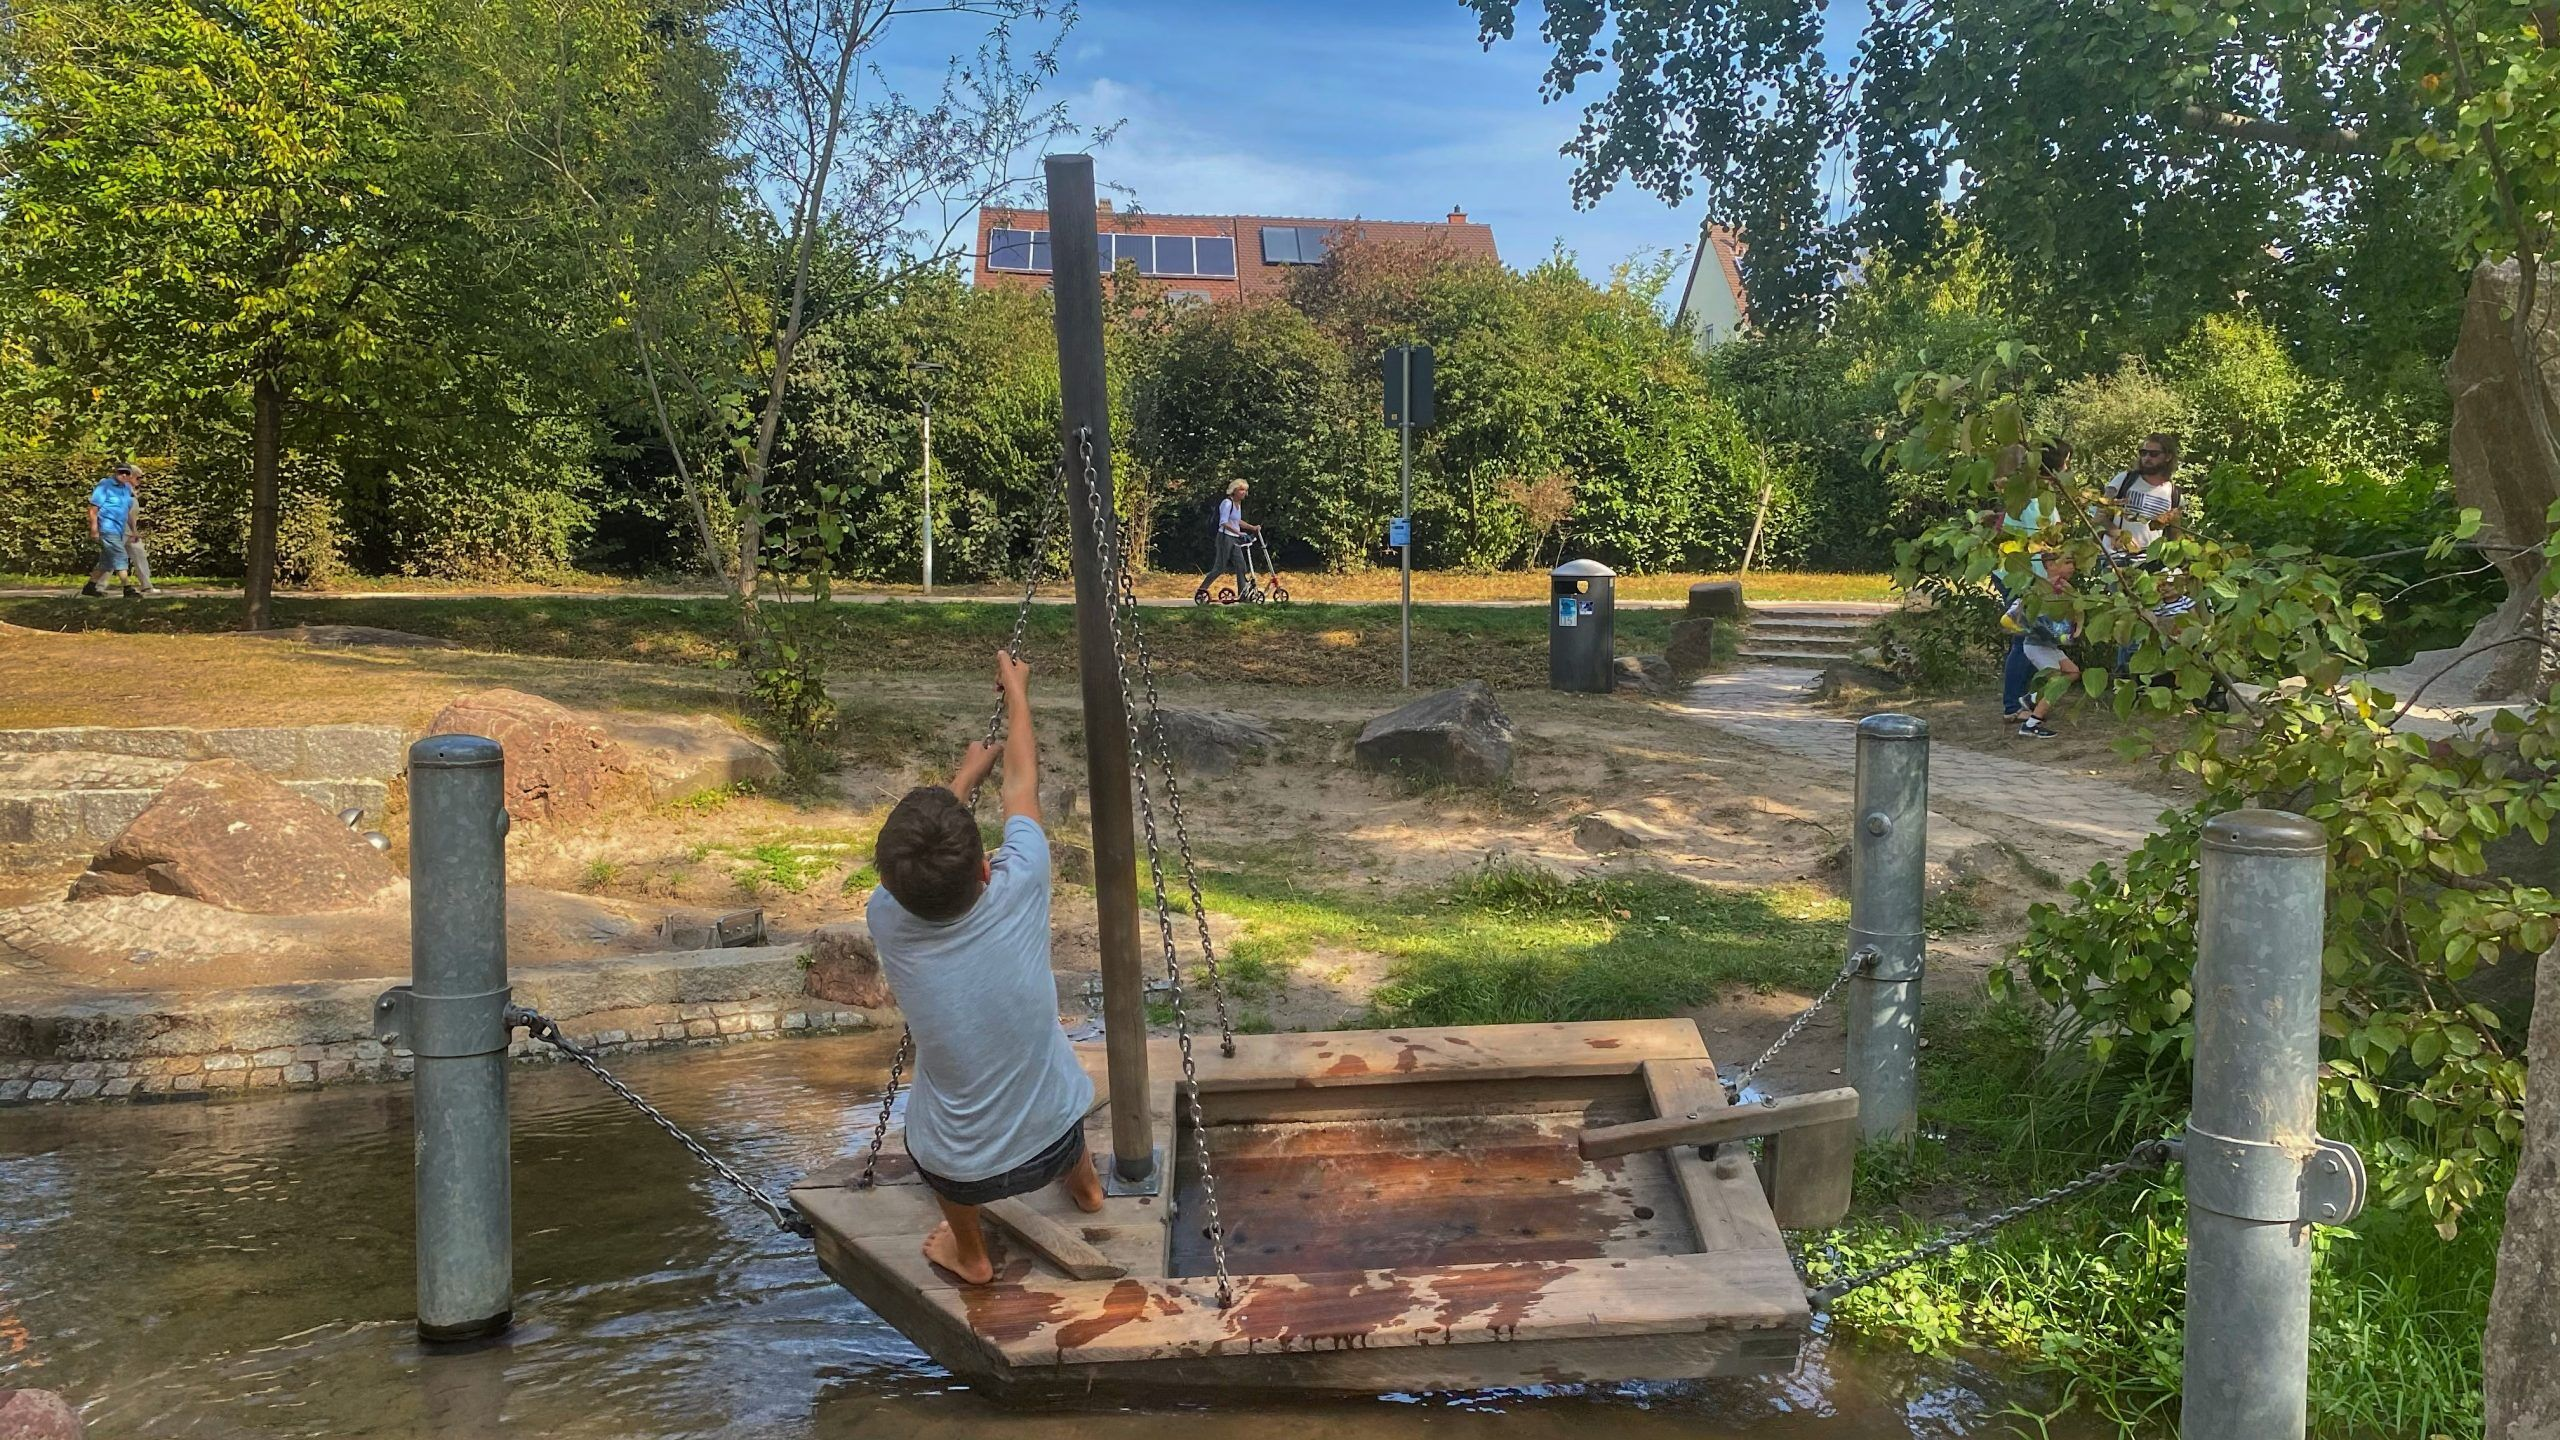 You are currently viewing Sommer, Sonne, Wasser – unsere persönlichen Ausflugstipps an Wasserspielplätzen im nördlichen Schwarzwald